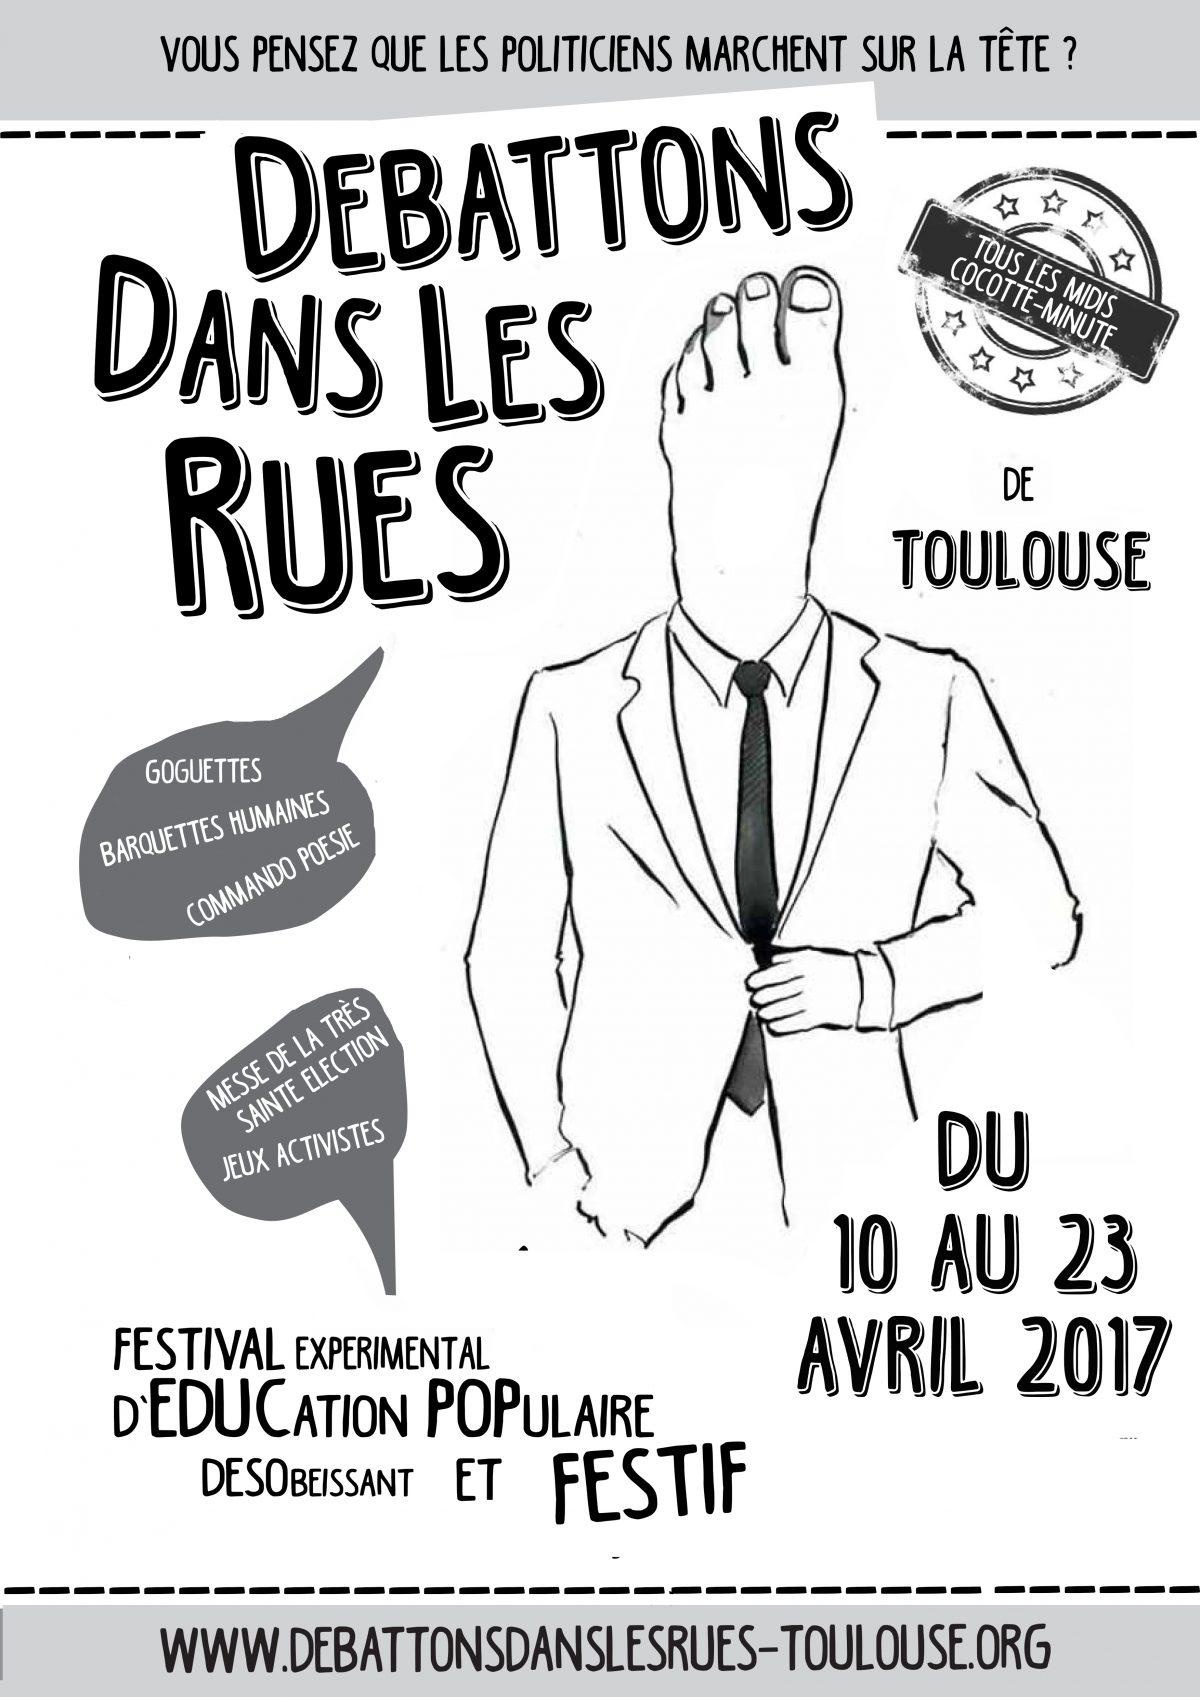 Débattons dans les rues à Toulouse du 10 au 23 avril 2017